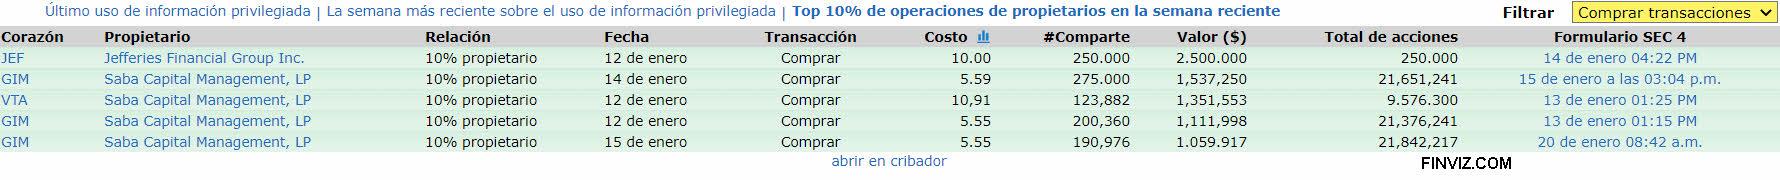 21-ENERO-COMPRAS-INSIDERS% - Actuaciones insiders en sus empresas